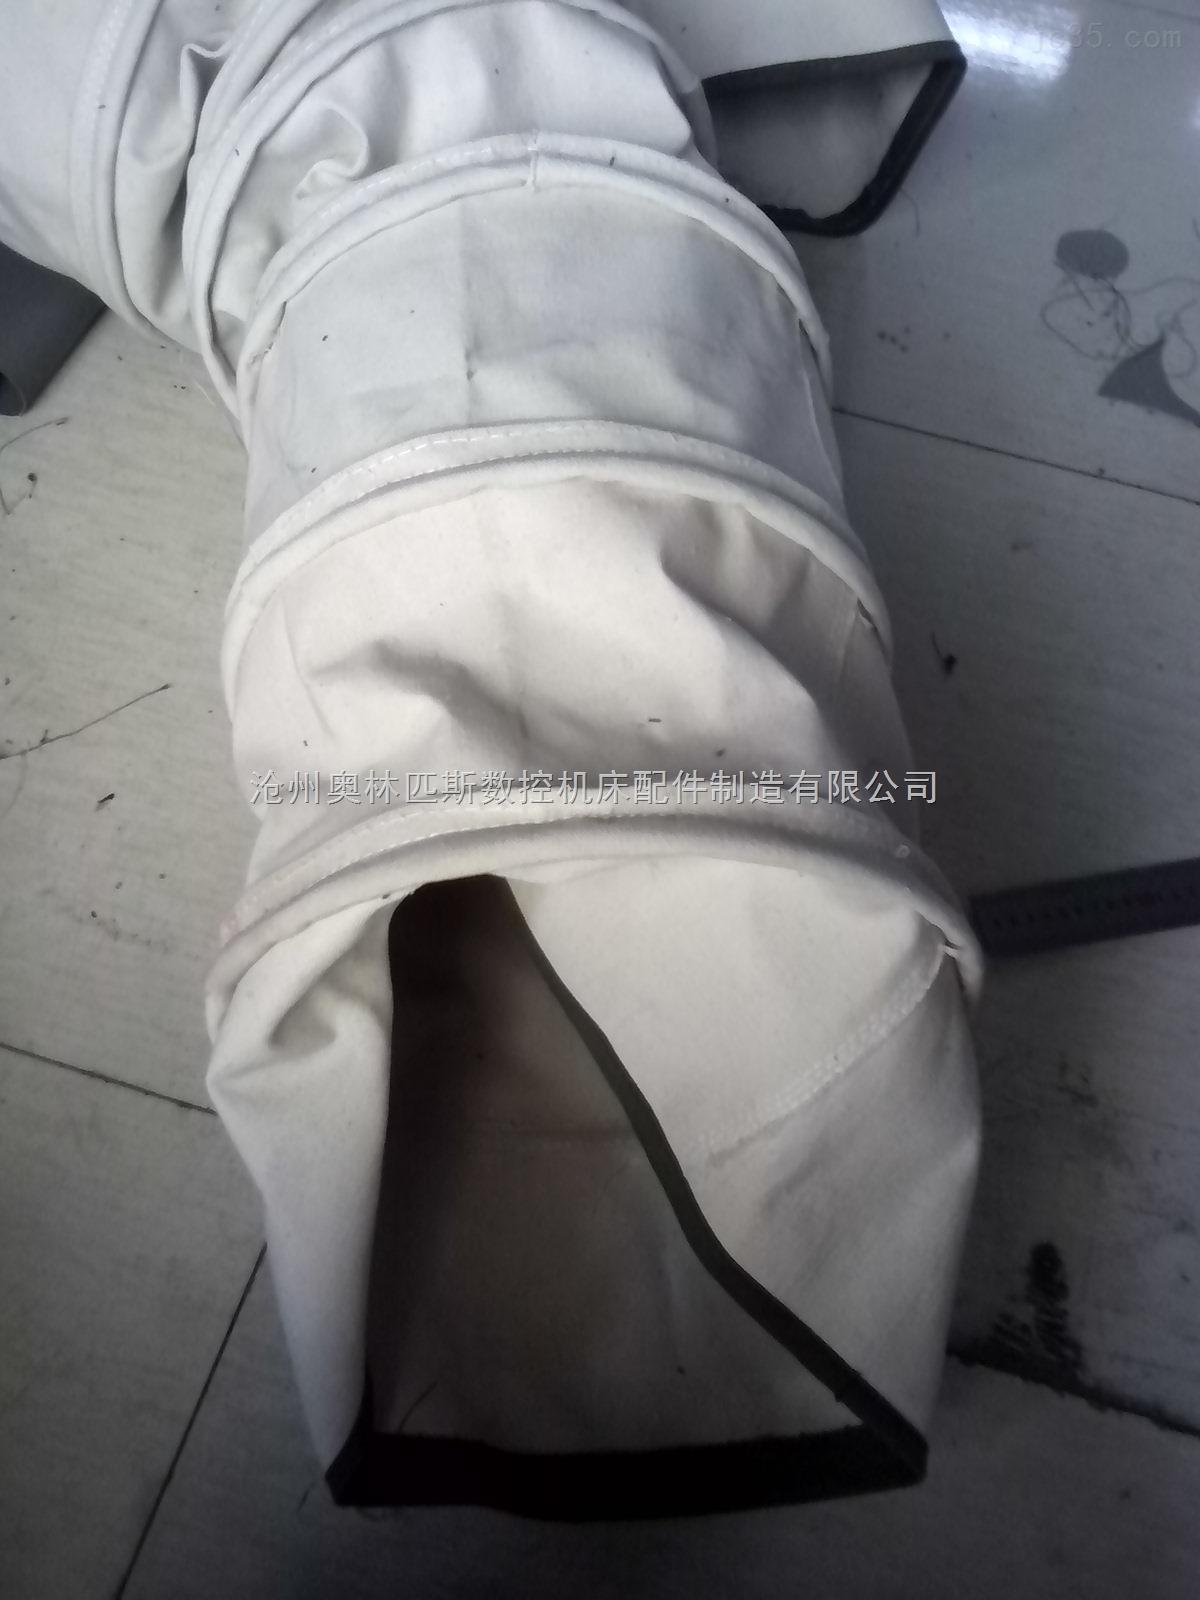 不怕磨损的水泥散装伸缩布袋